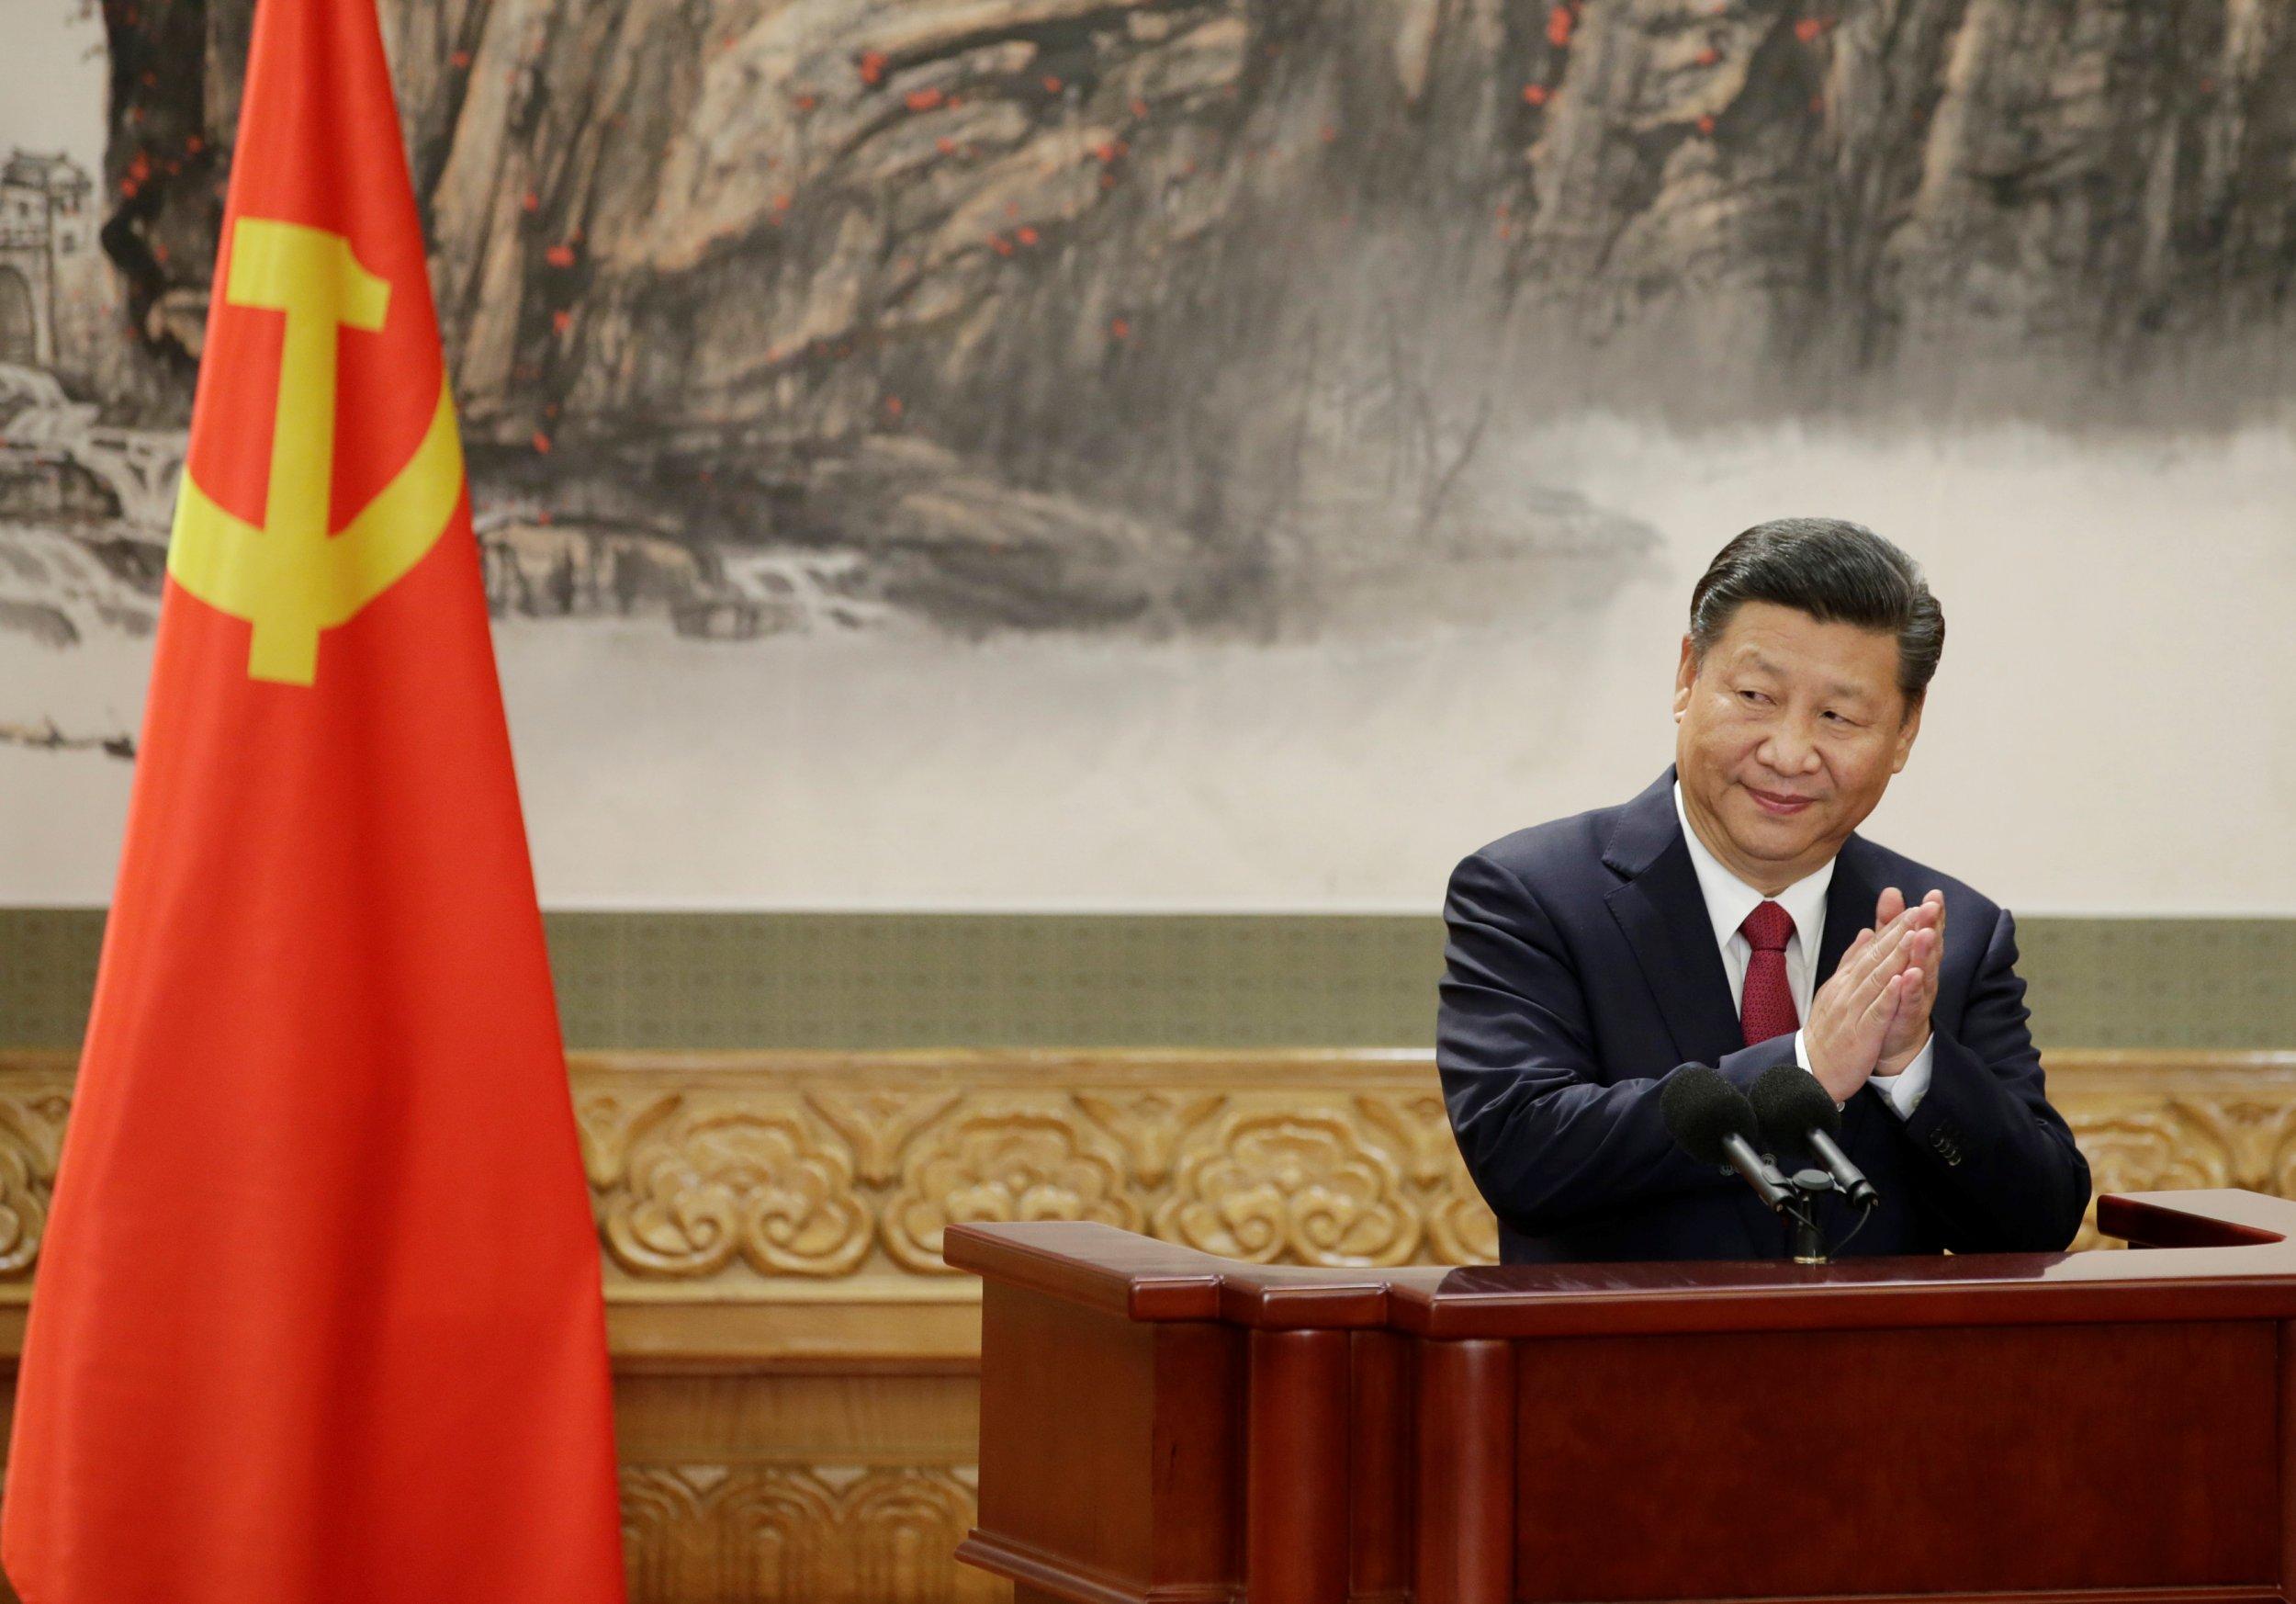 10_31_Xi Jinping